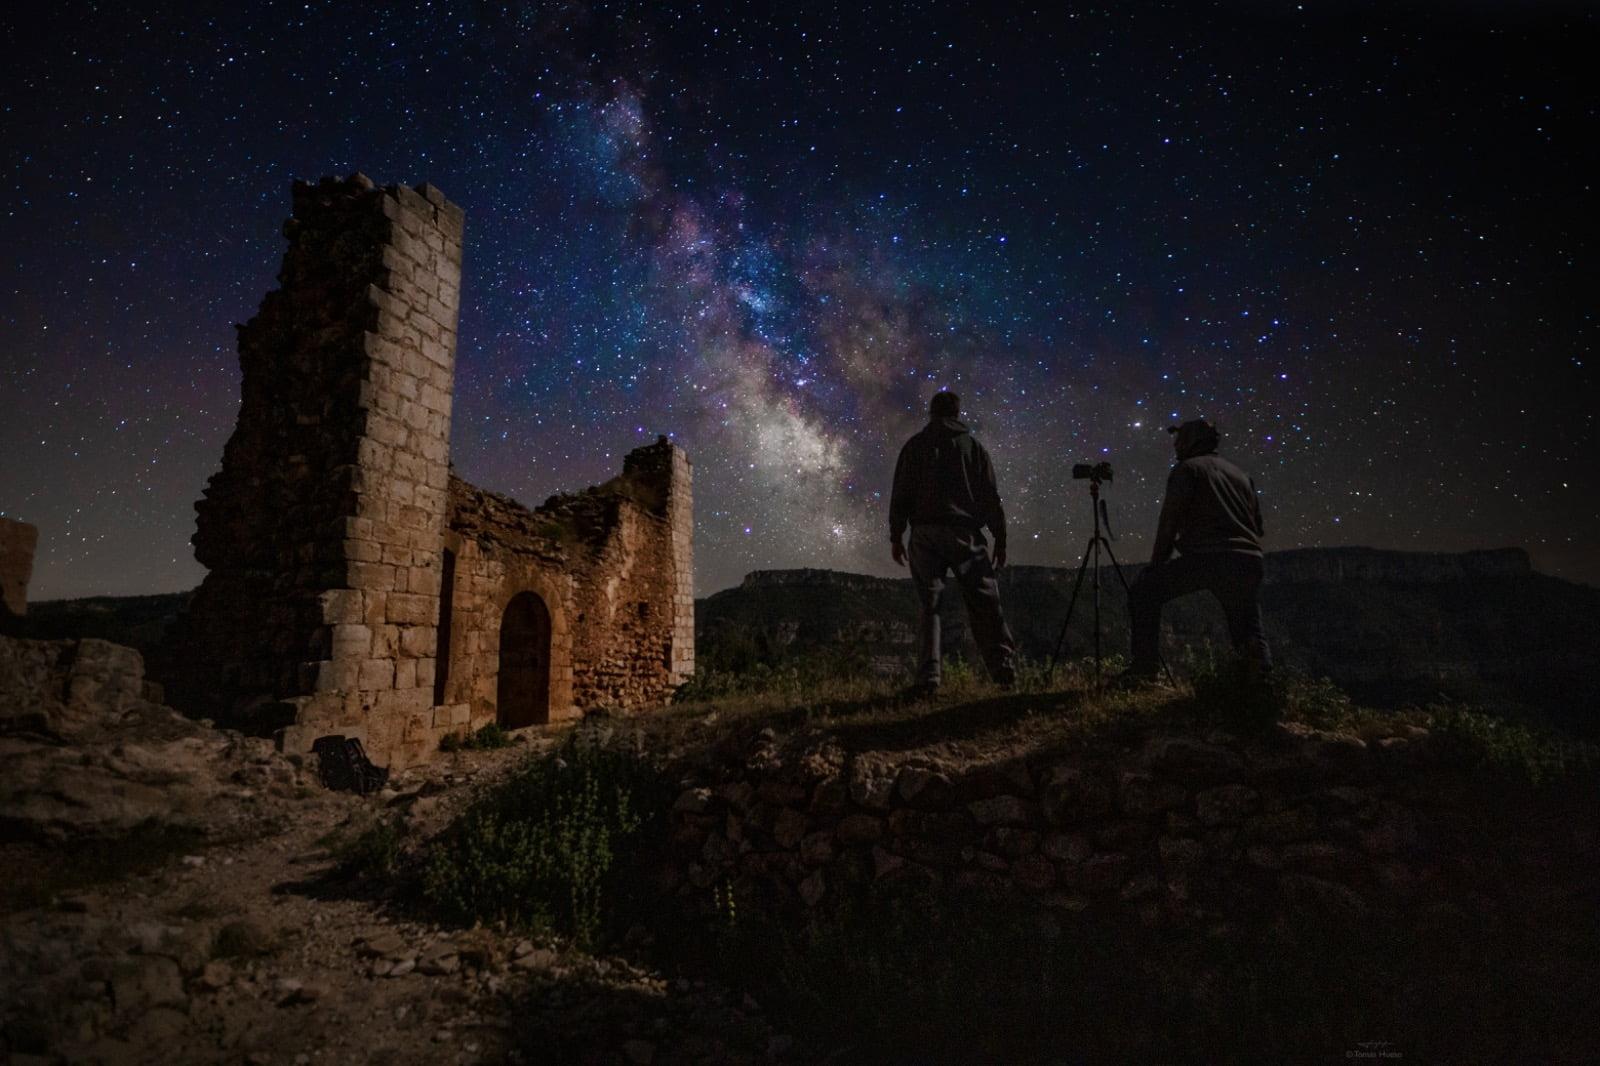 cielo de Valencia - estrellas de valencia